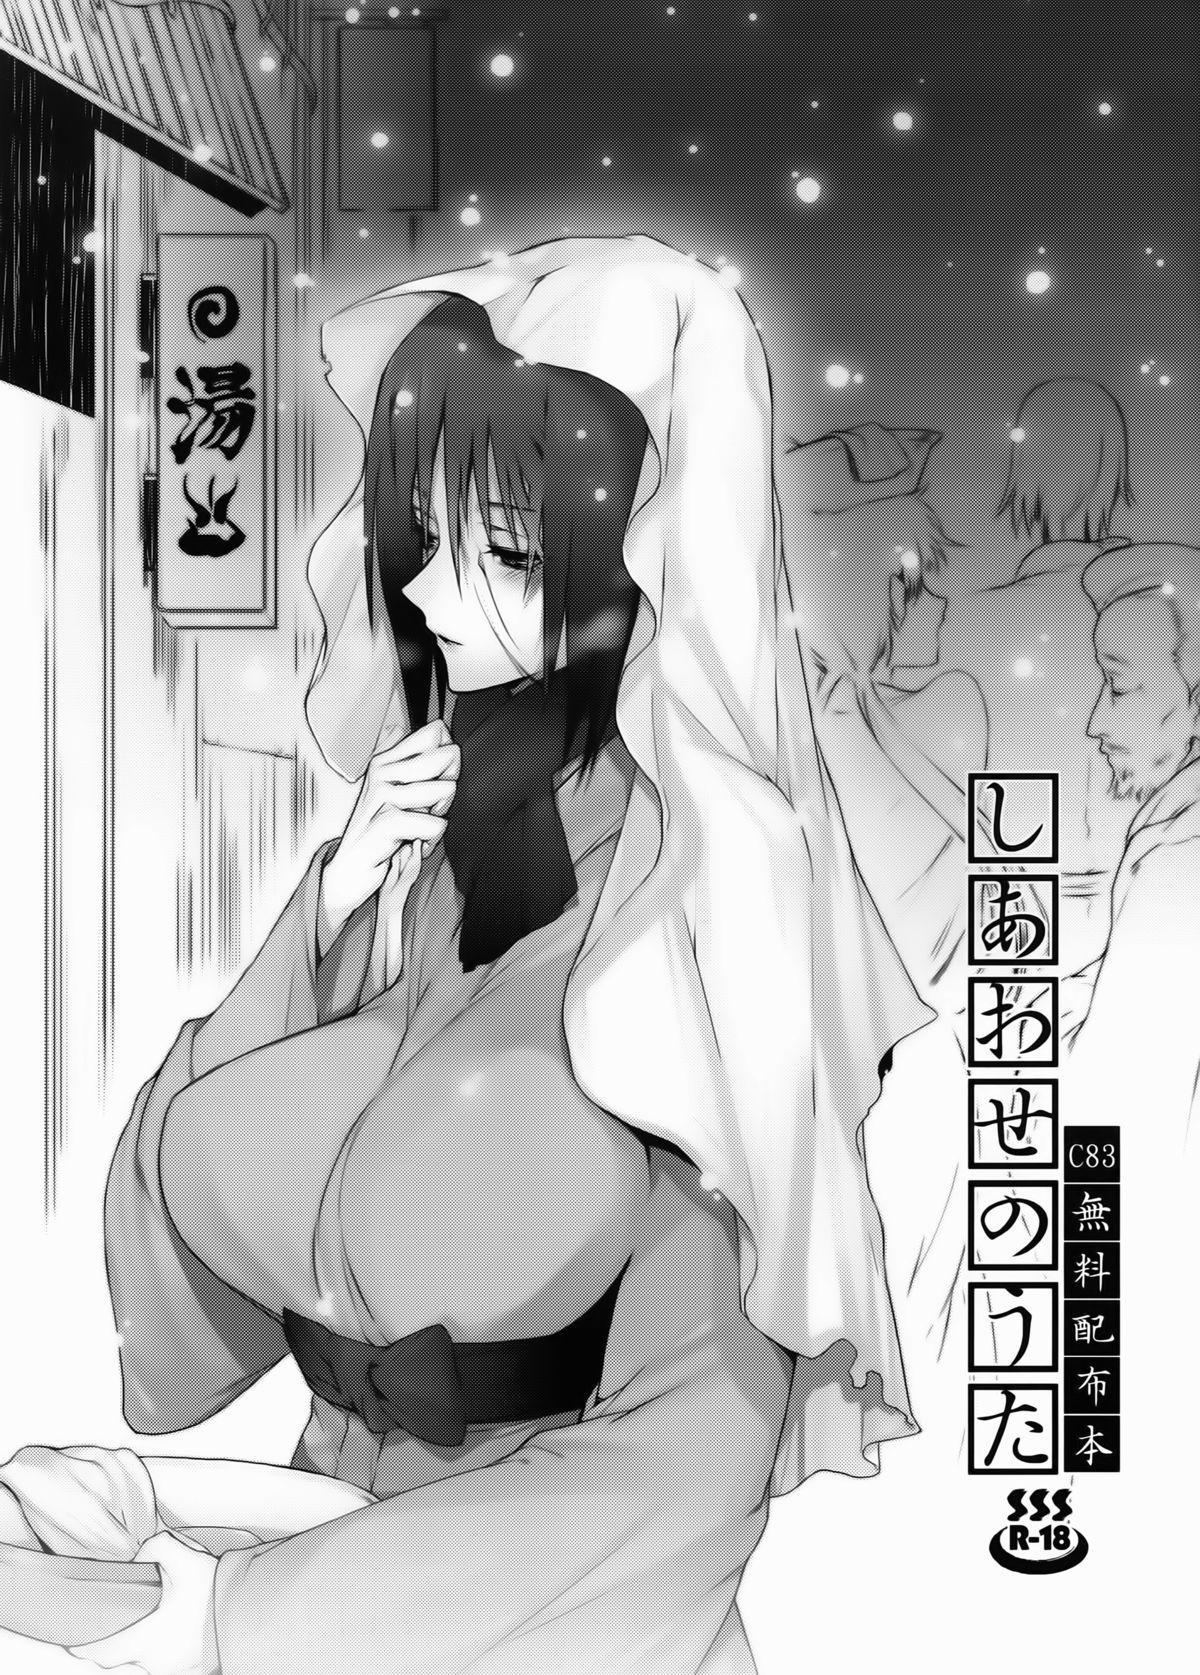 Shiawase no Uta C83 Muryou Haifu Bon 0